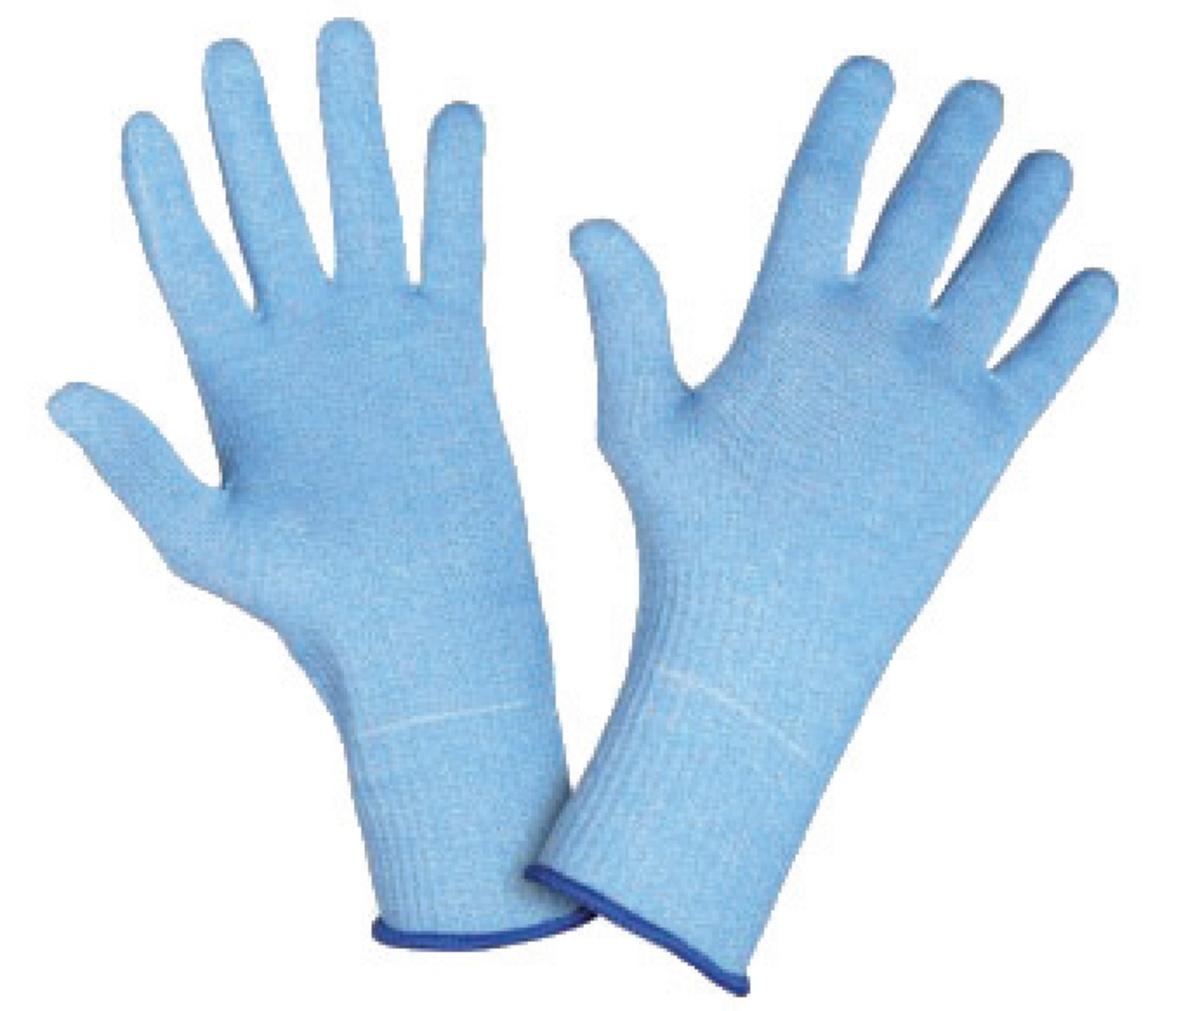 Paire de gants anti-coupure bleu taille 9 (2 pièces)